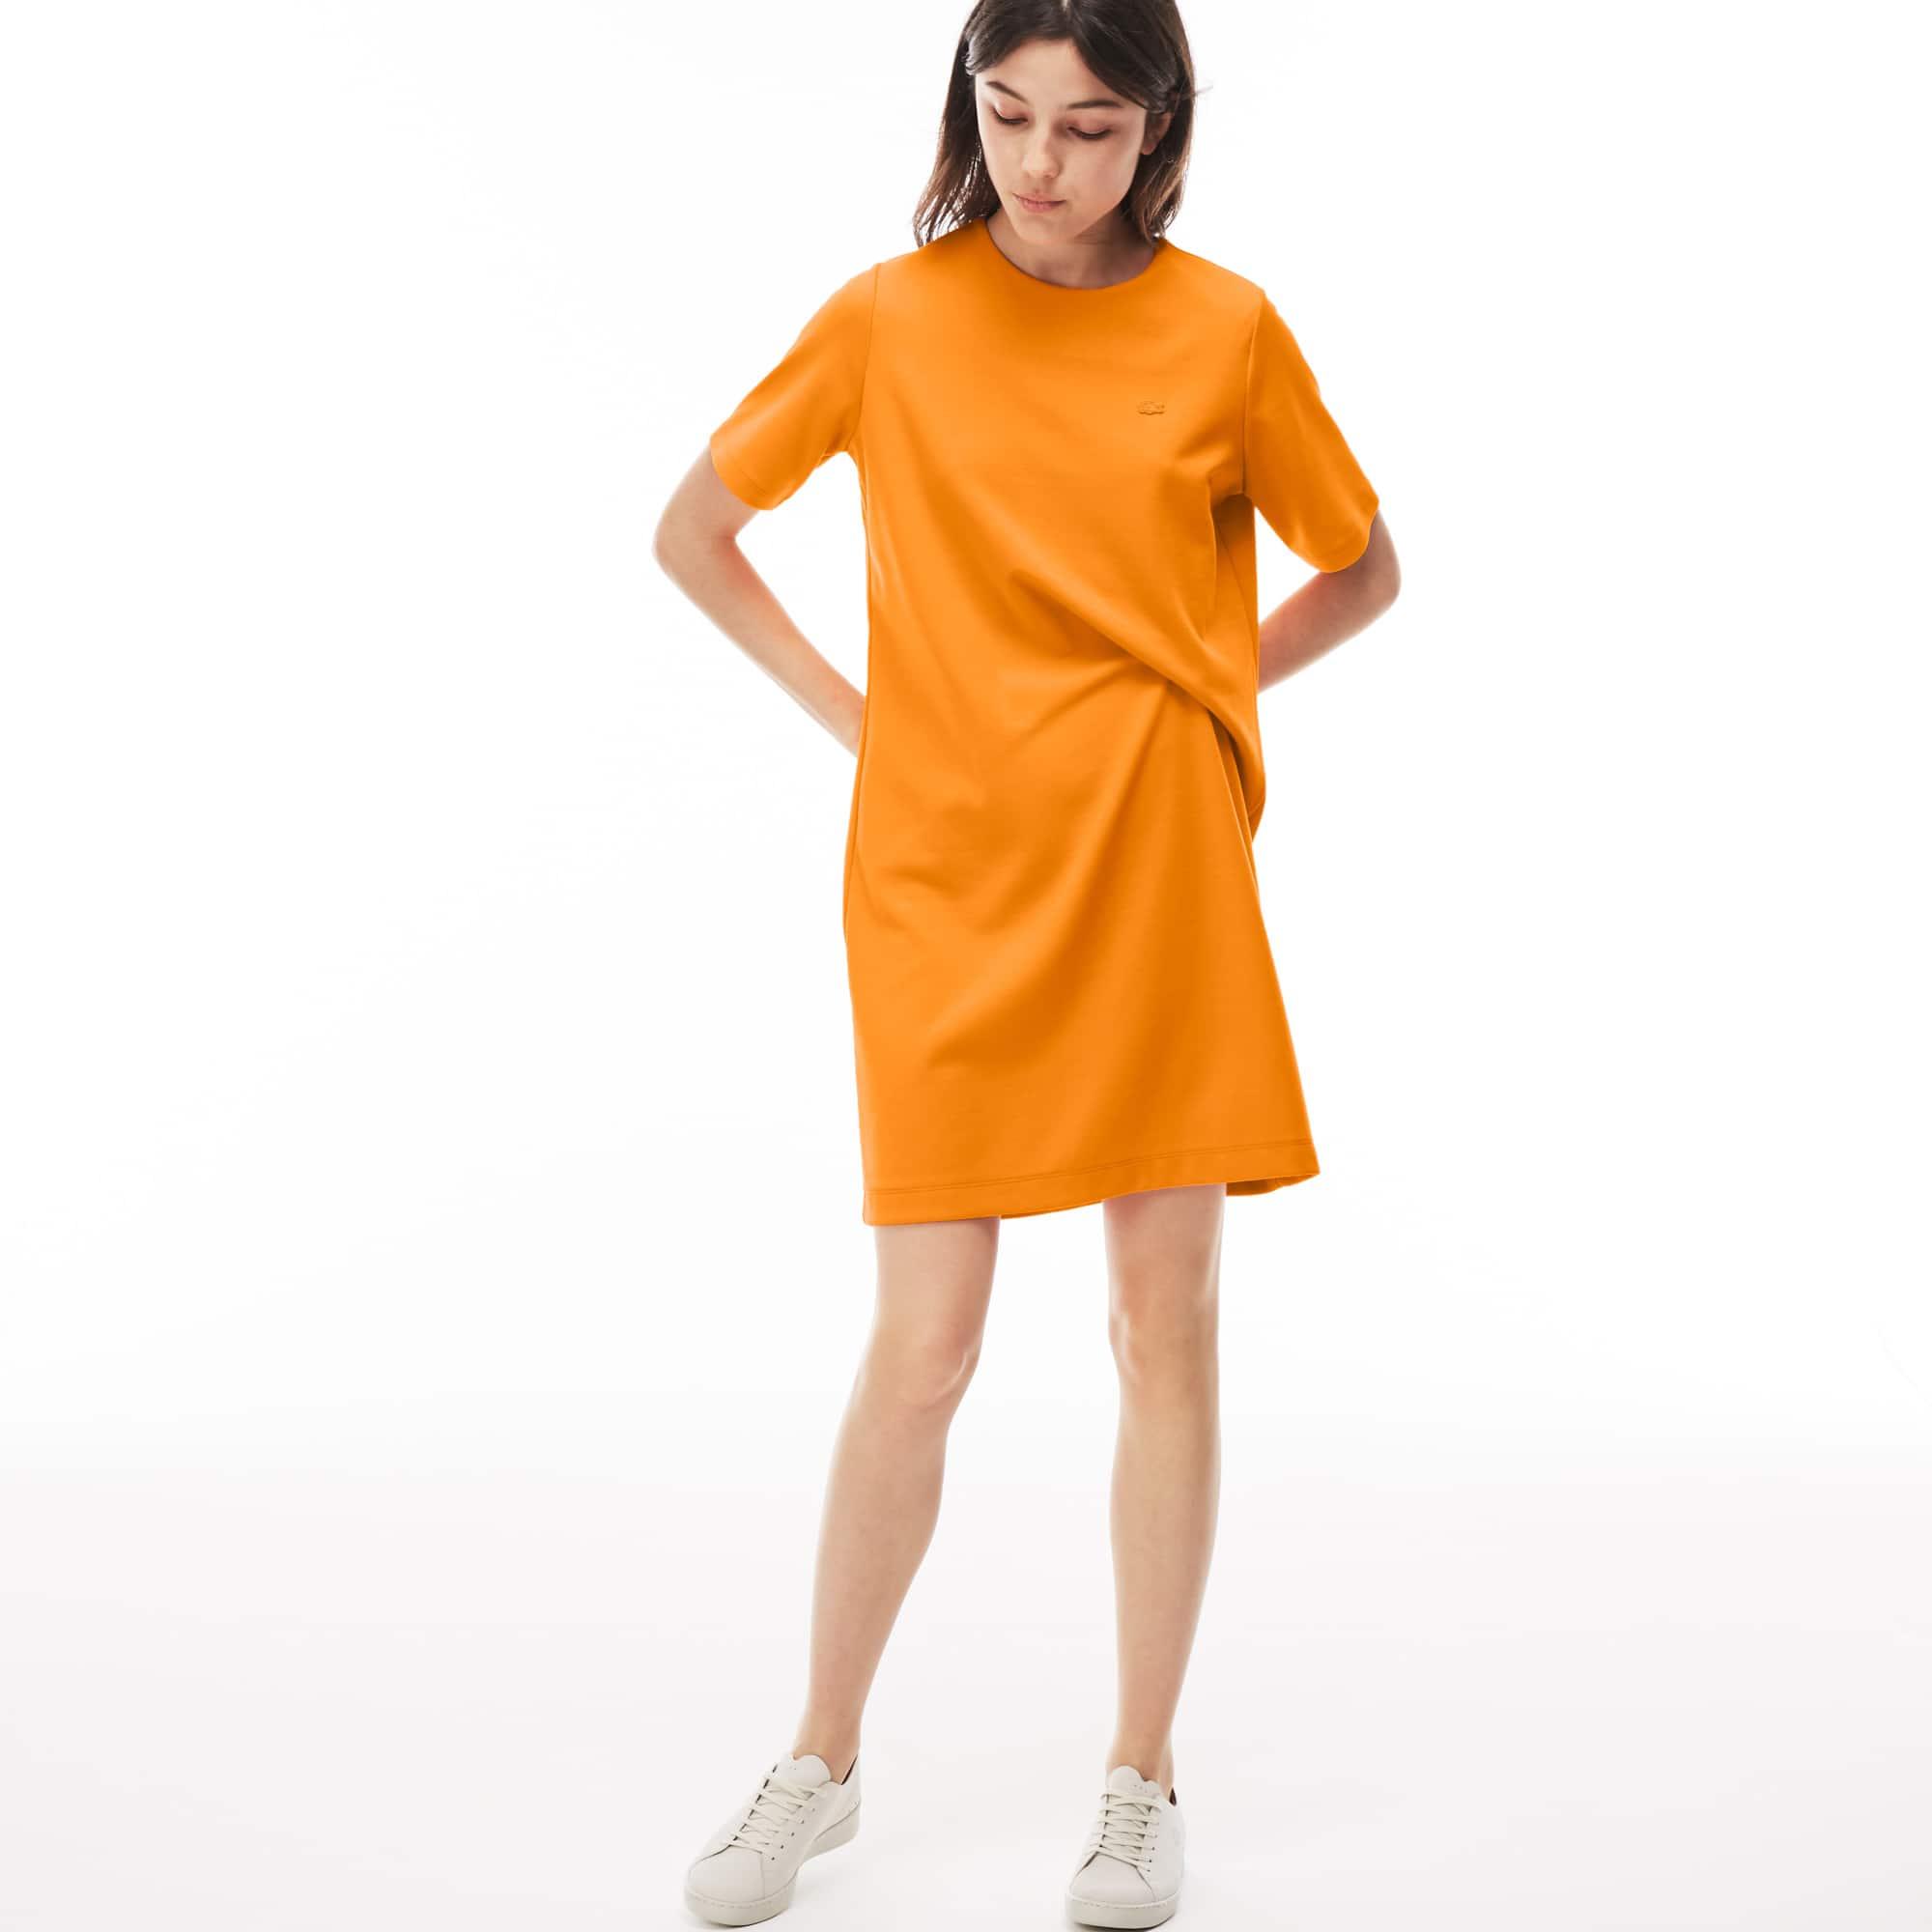 Kleider & Röcke für Frauen   Damenmode   LACOSTE LIVE